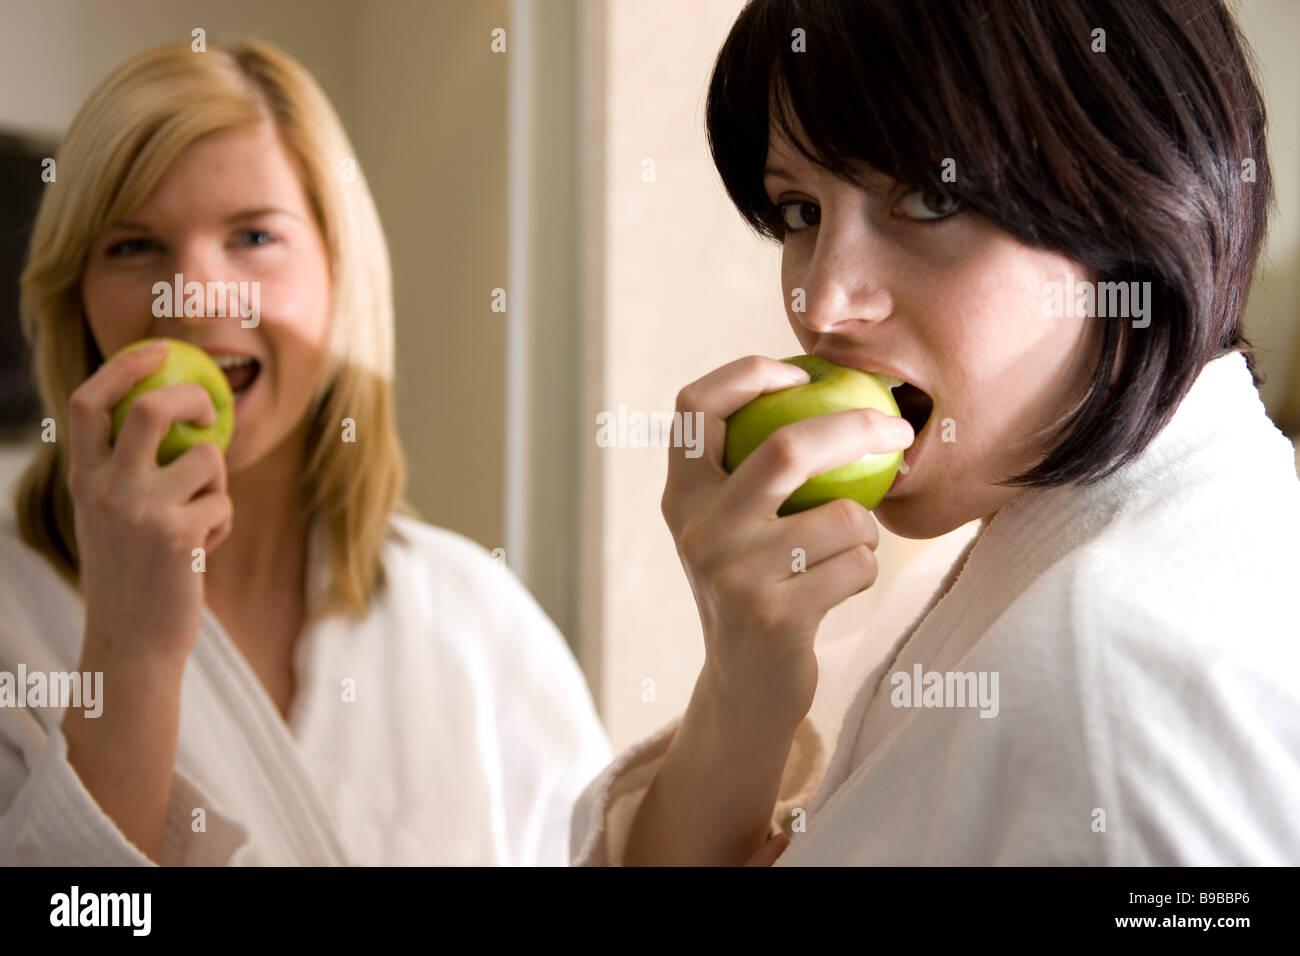 zwei frauen essen/ beissen in einen apfel Stock Photo